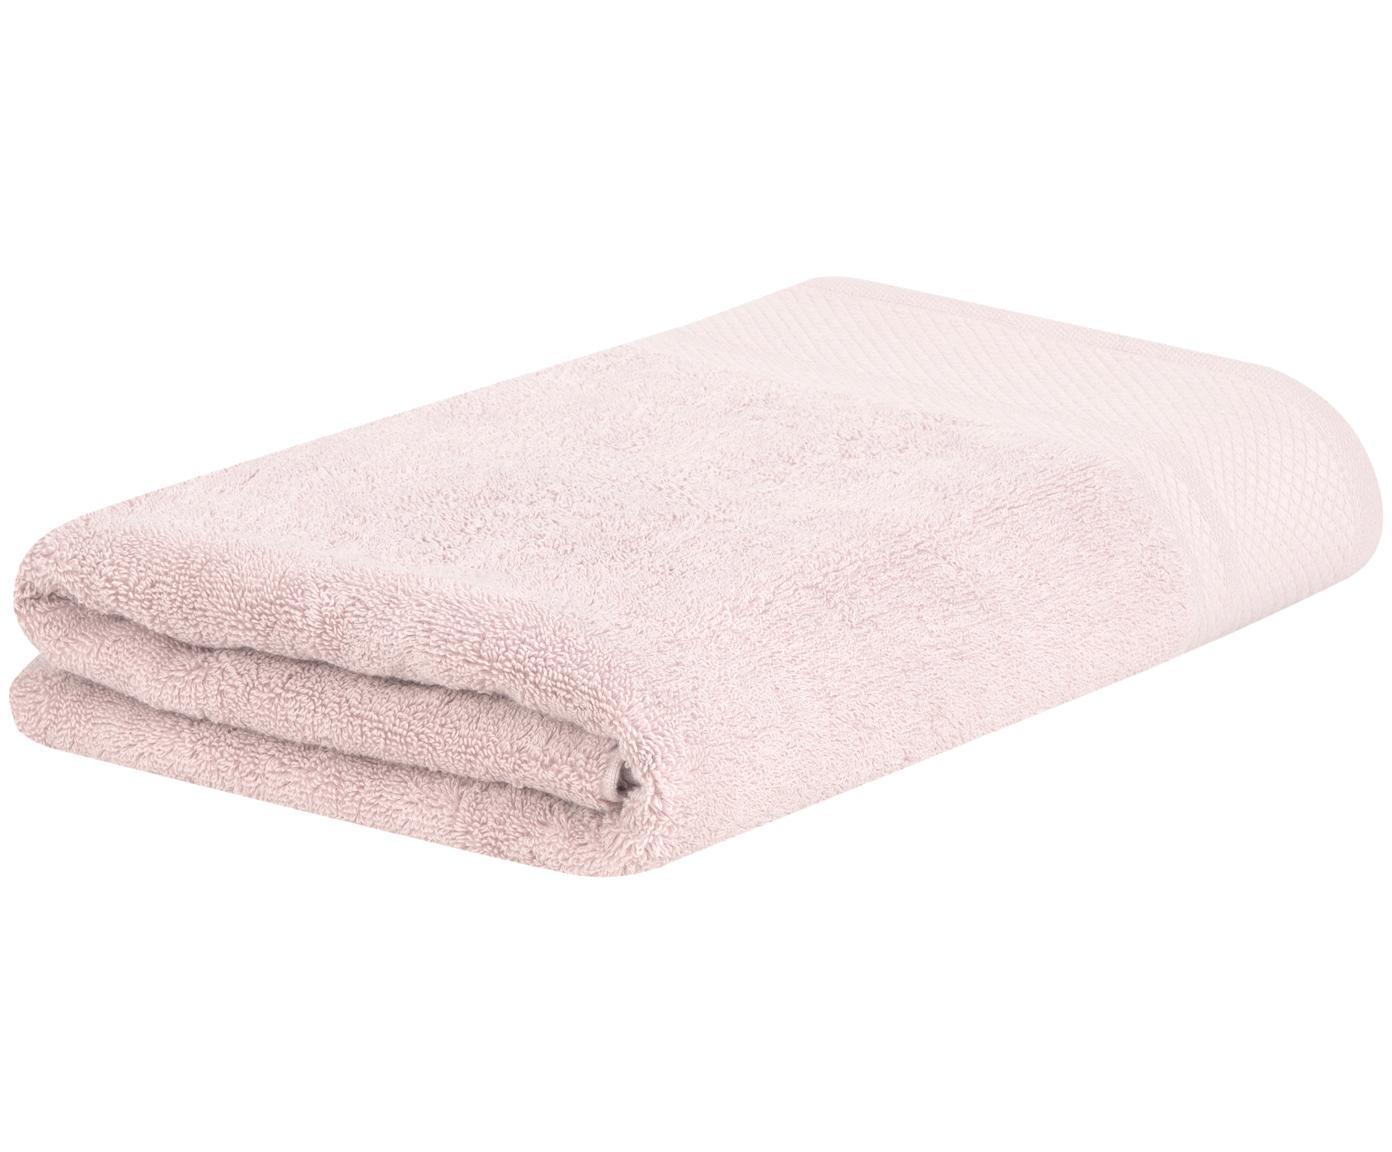 Asciugamano con bordo decorativo Premium, diverse misure, Rosa cipria, Telo bagno